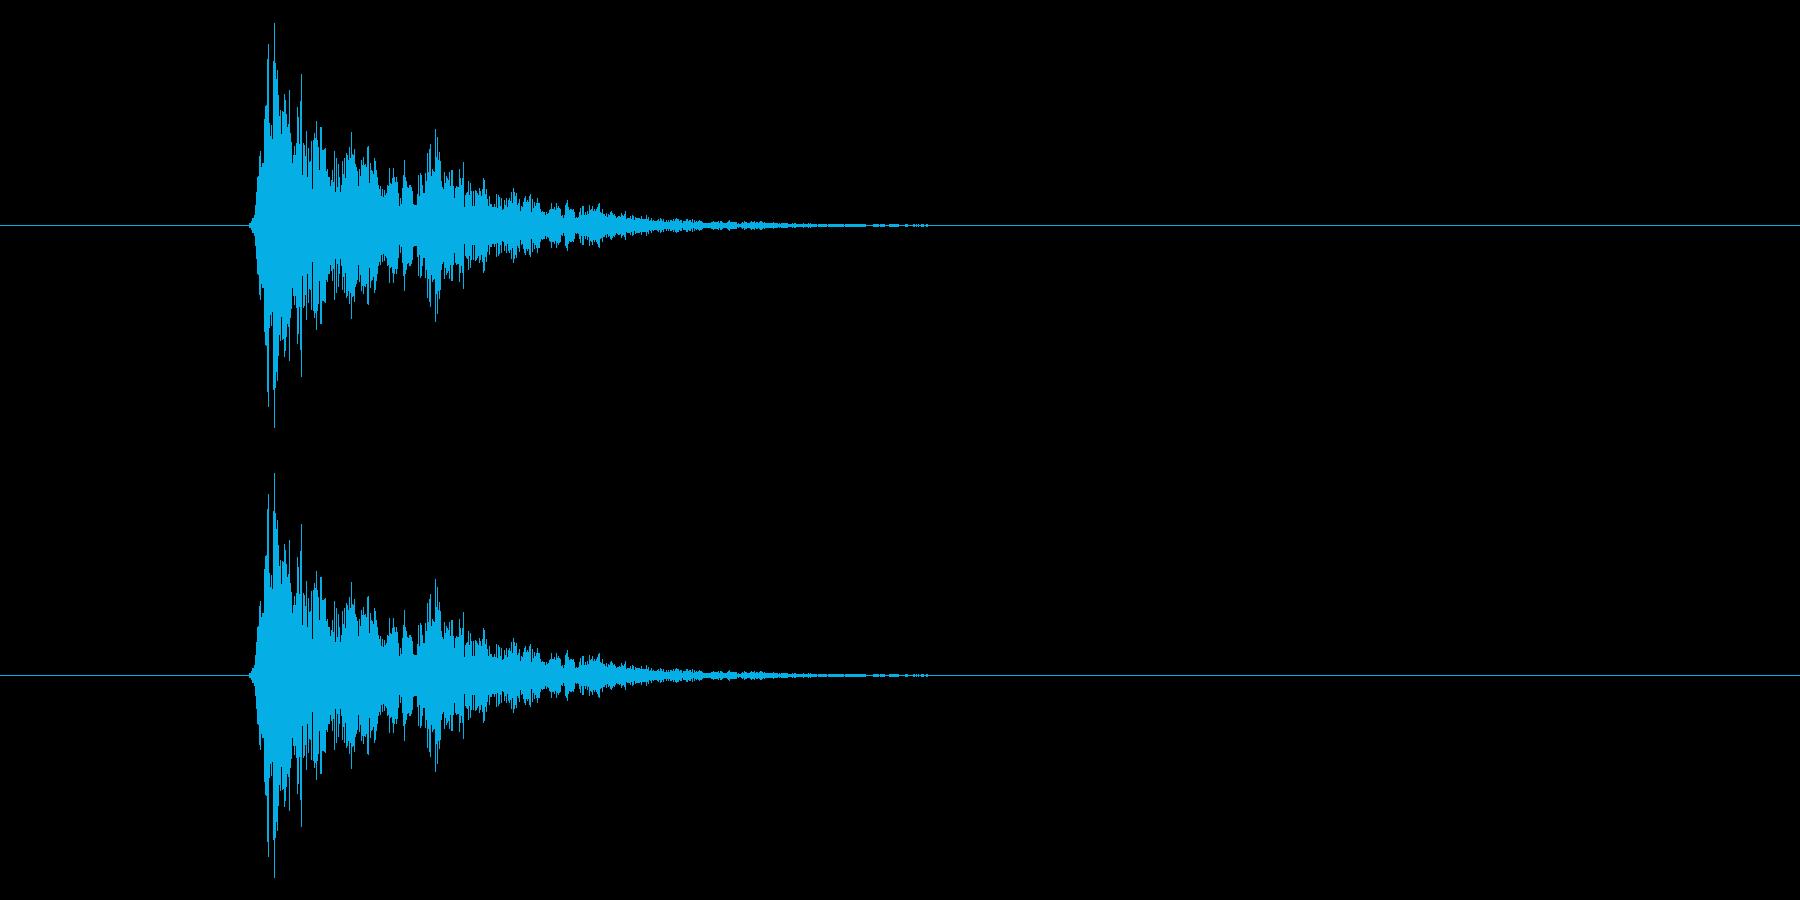 ジャンプ1、2と異なり、アニメ系やコミ…の再生済みの波形